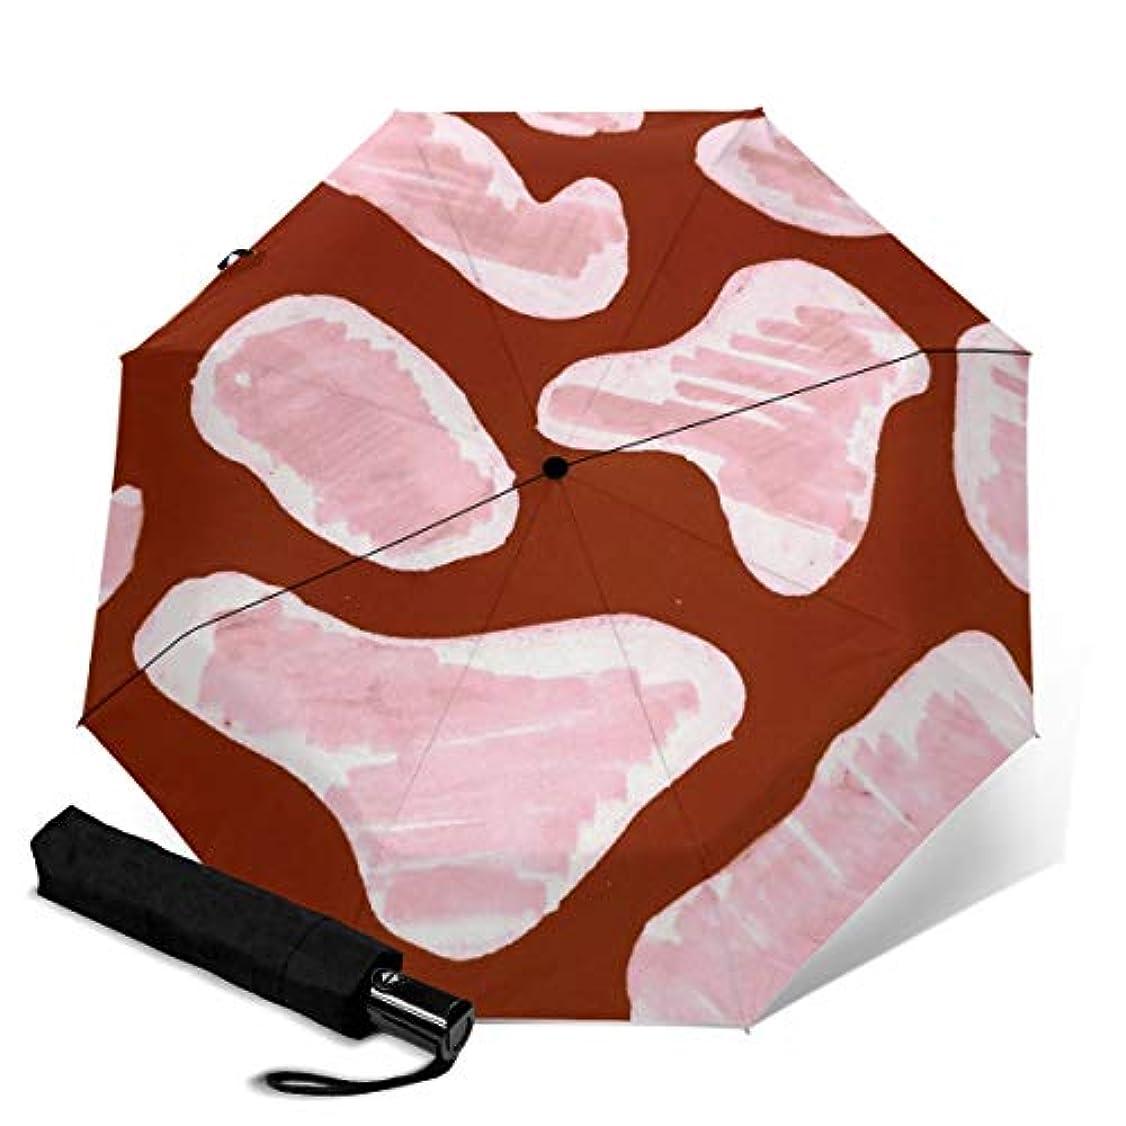 導入する英語の授業があります解釈(プタス)Putars メイクブラシ メイクブラシセット 4本セット 17-18cm アイメイク 化粧ブラシ ふわふわ お肌に優しい 毛量たっぷり メイク道具 プレゼント